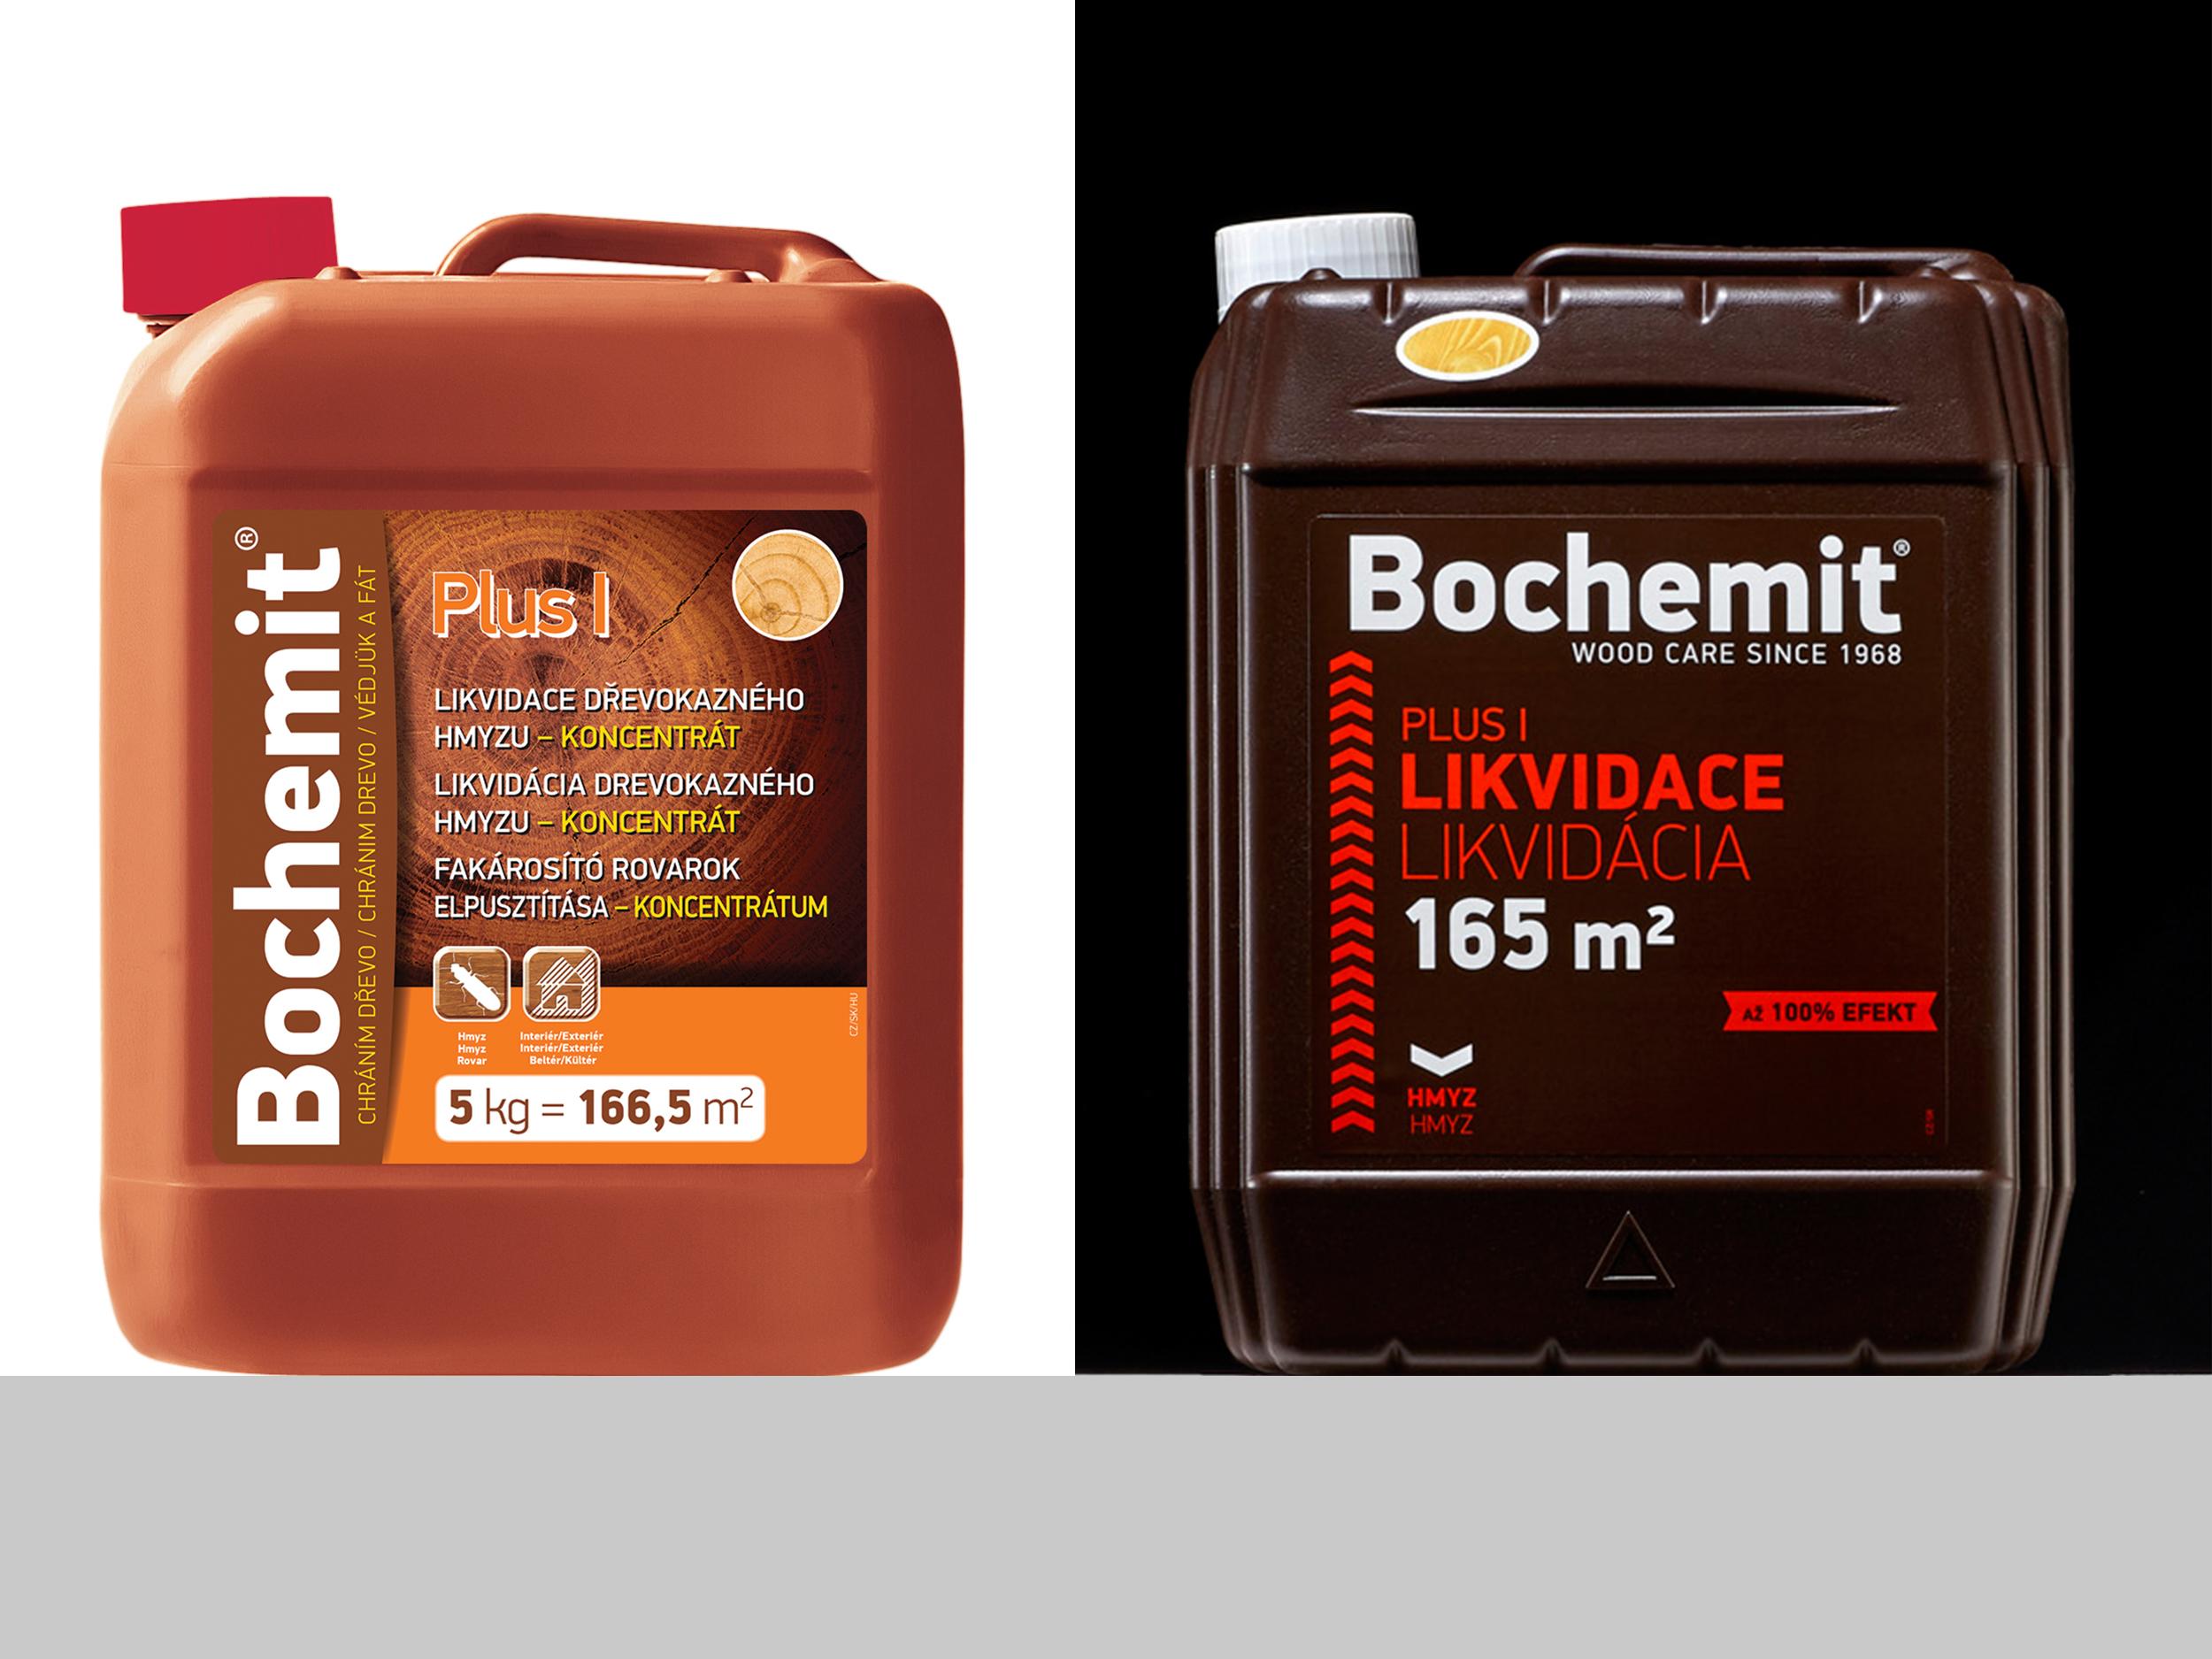 Bochemit_04